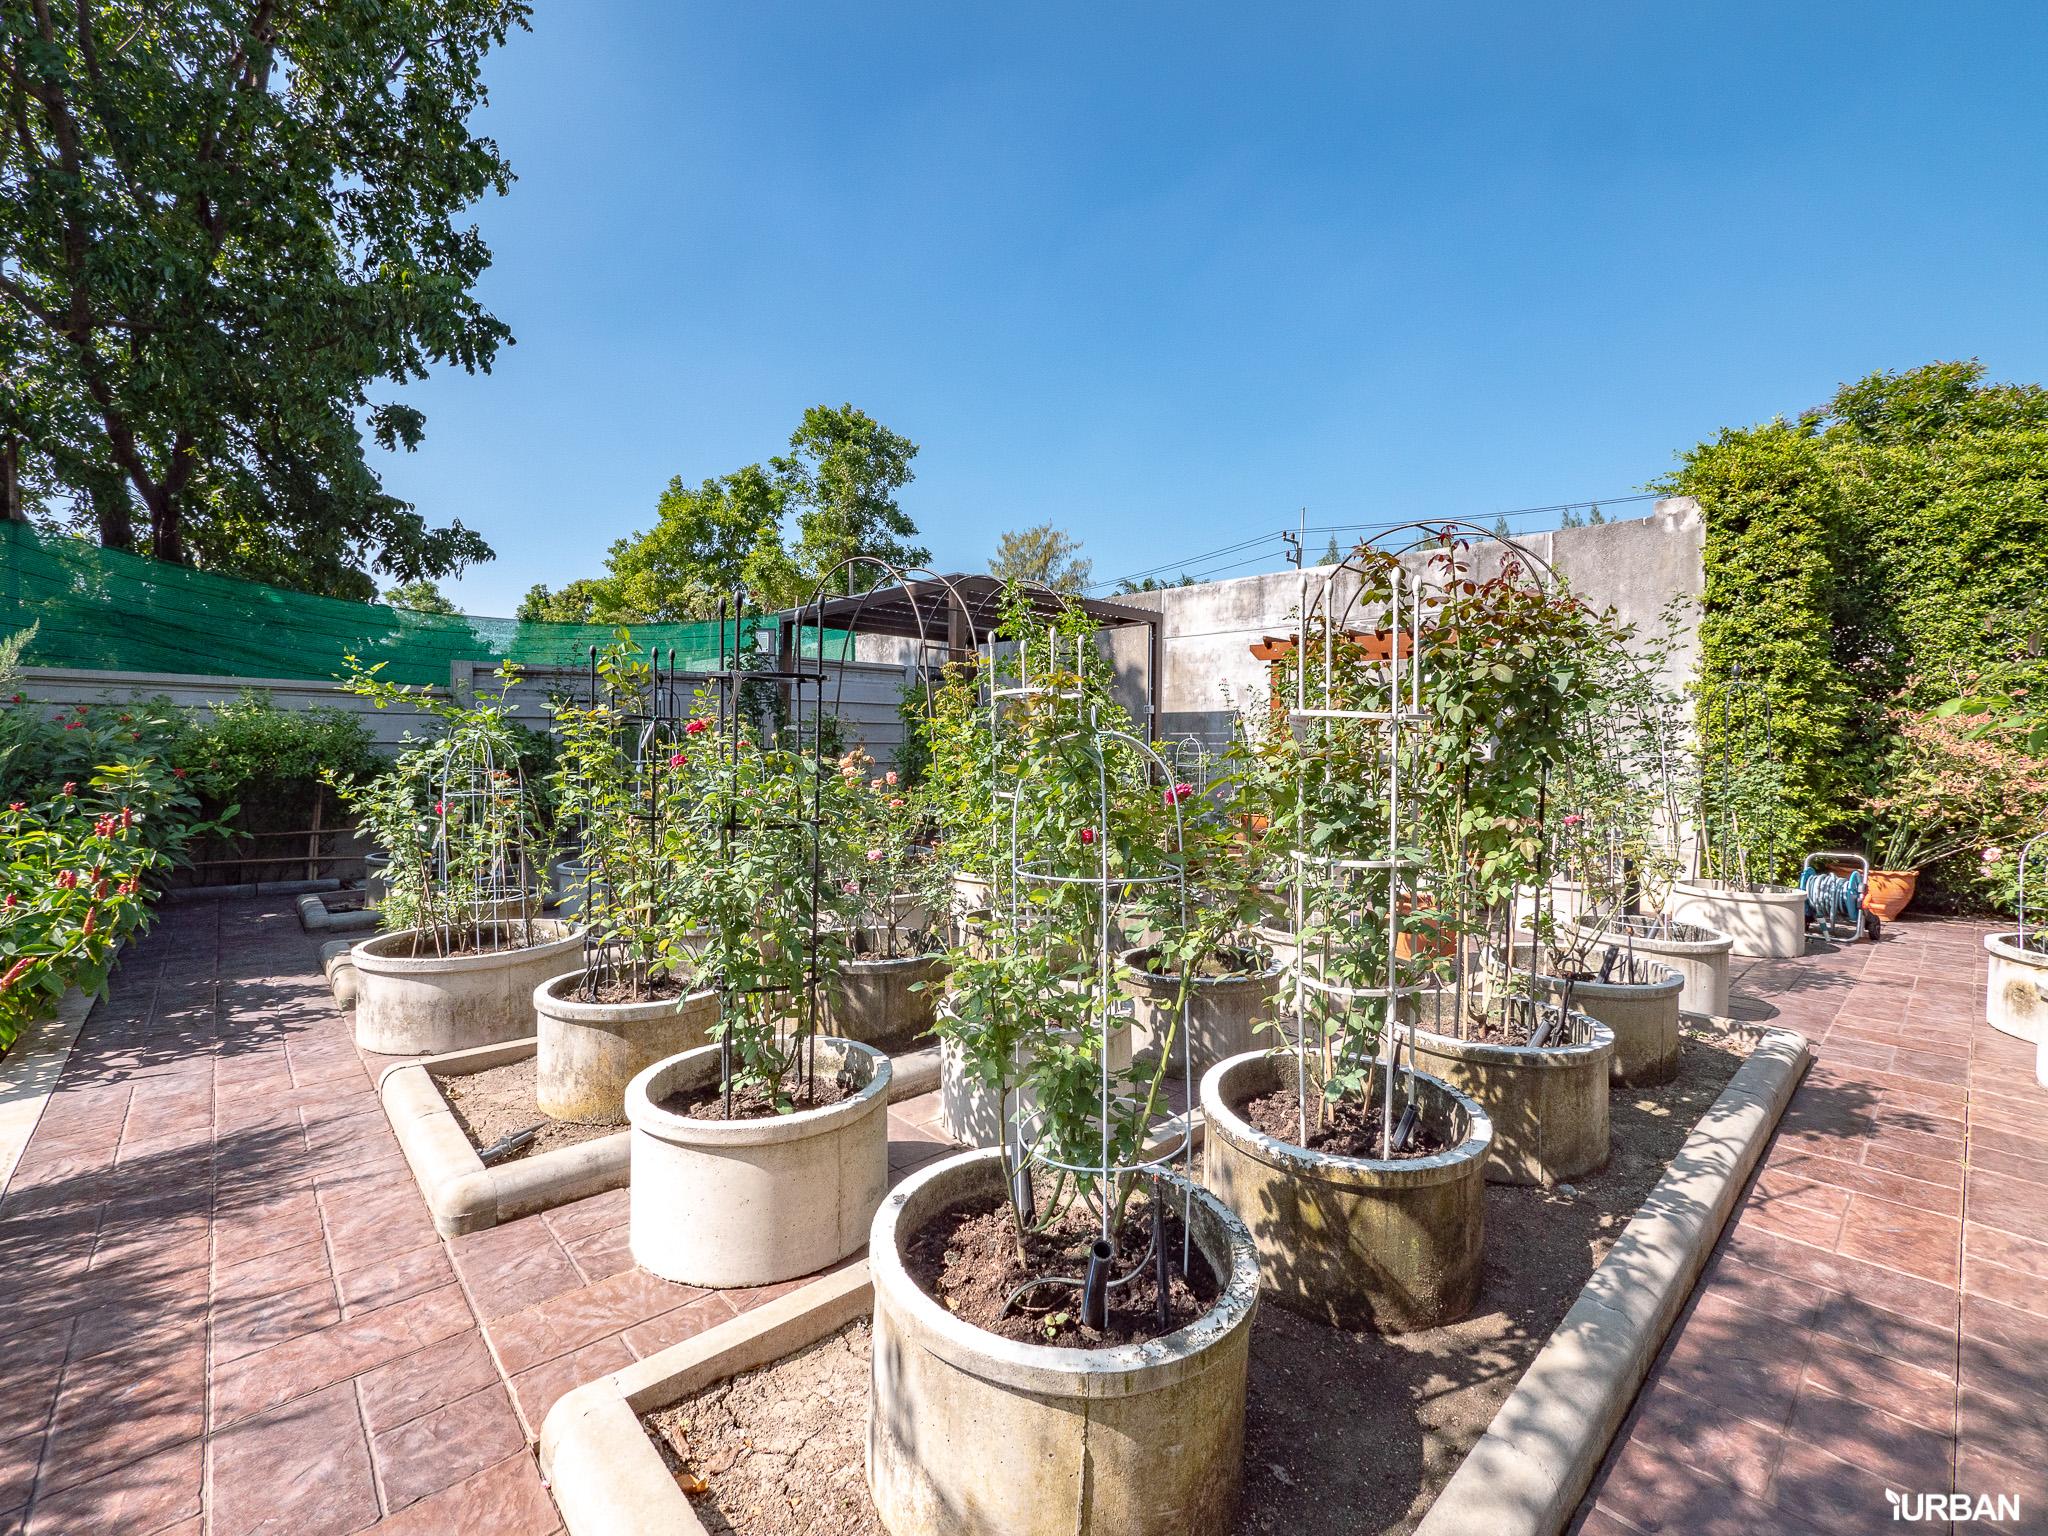 บ้าน SCG HEIM ใหญ่สุดที่เคยรีวิว พร้อมสระ Panoramic บนวิวสวยสุดของสนามกอล์ฟ 43 - Interview